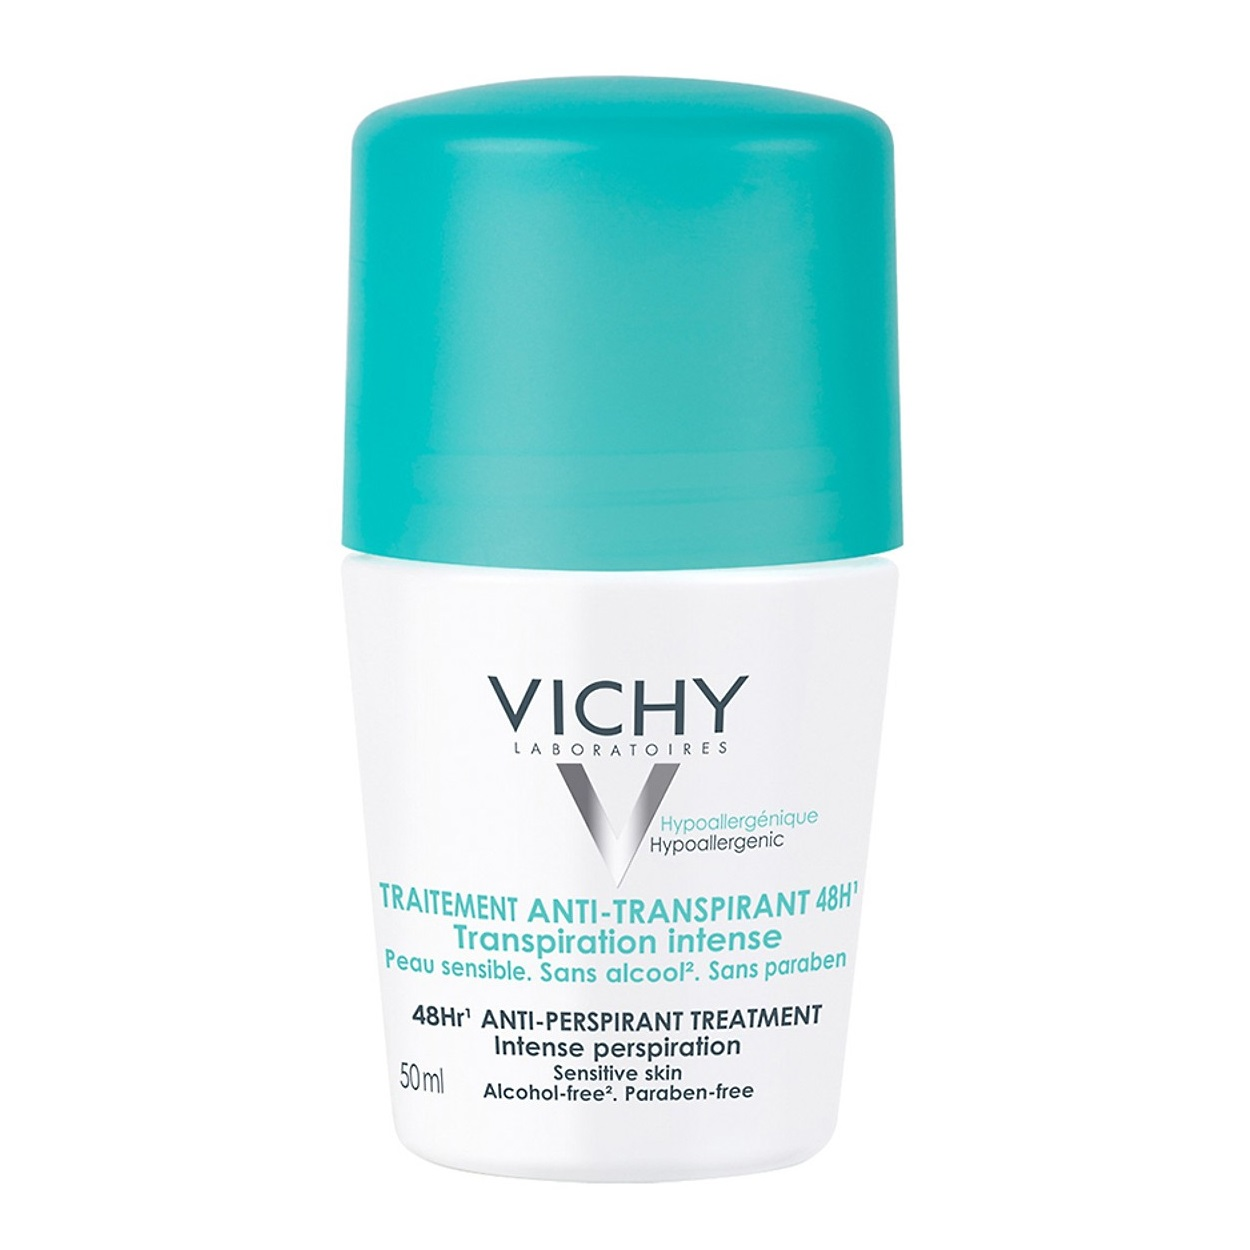 Lăn Khử Mùi Vichy Traitement Anti-Transpirant 48h (Nắp Xanh) 50ml